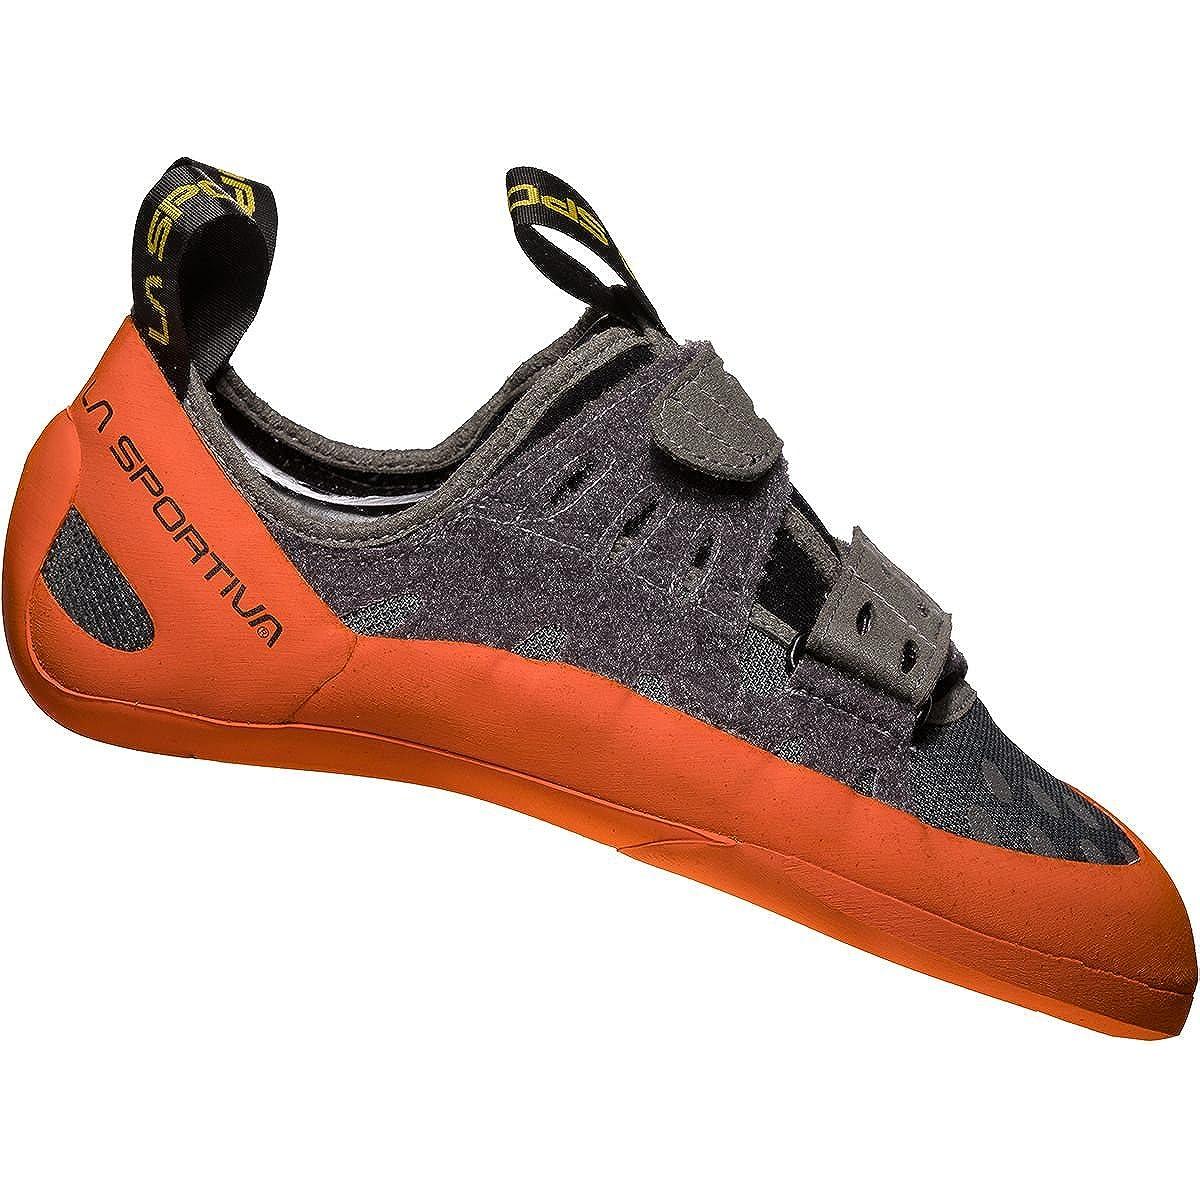 Auf der Suche nach guten Kletterschuhen werden Sie bei dem Hersteller La Sportiva fündig.